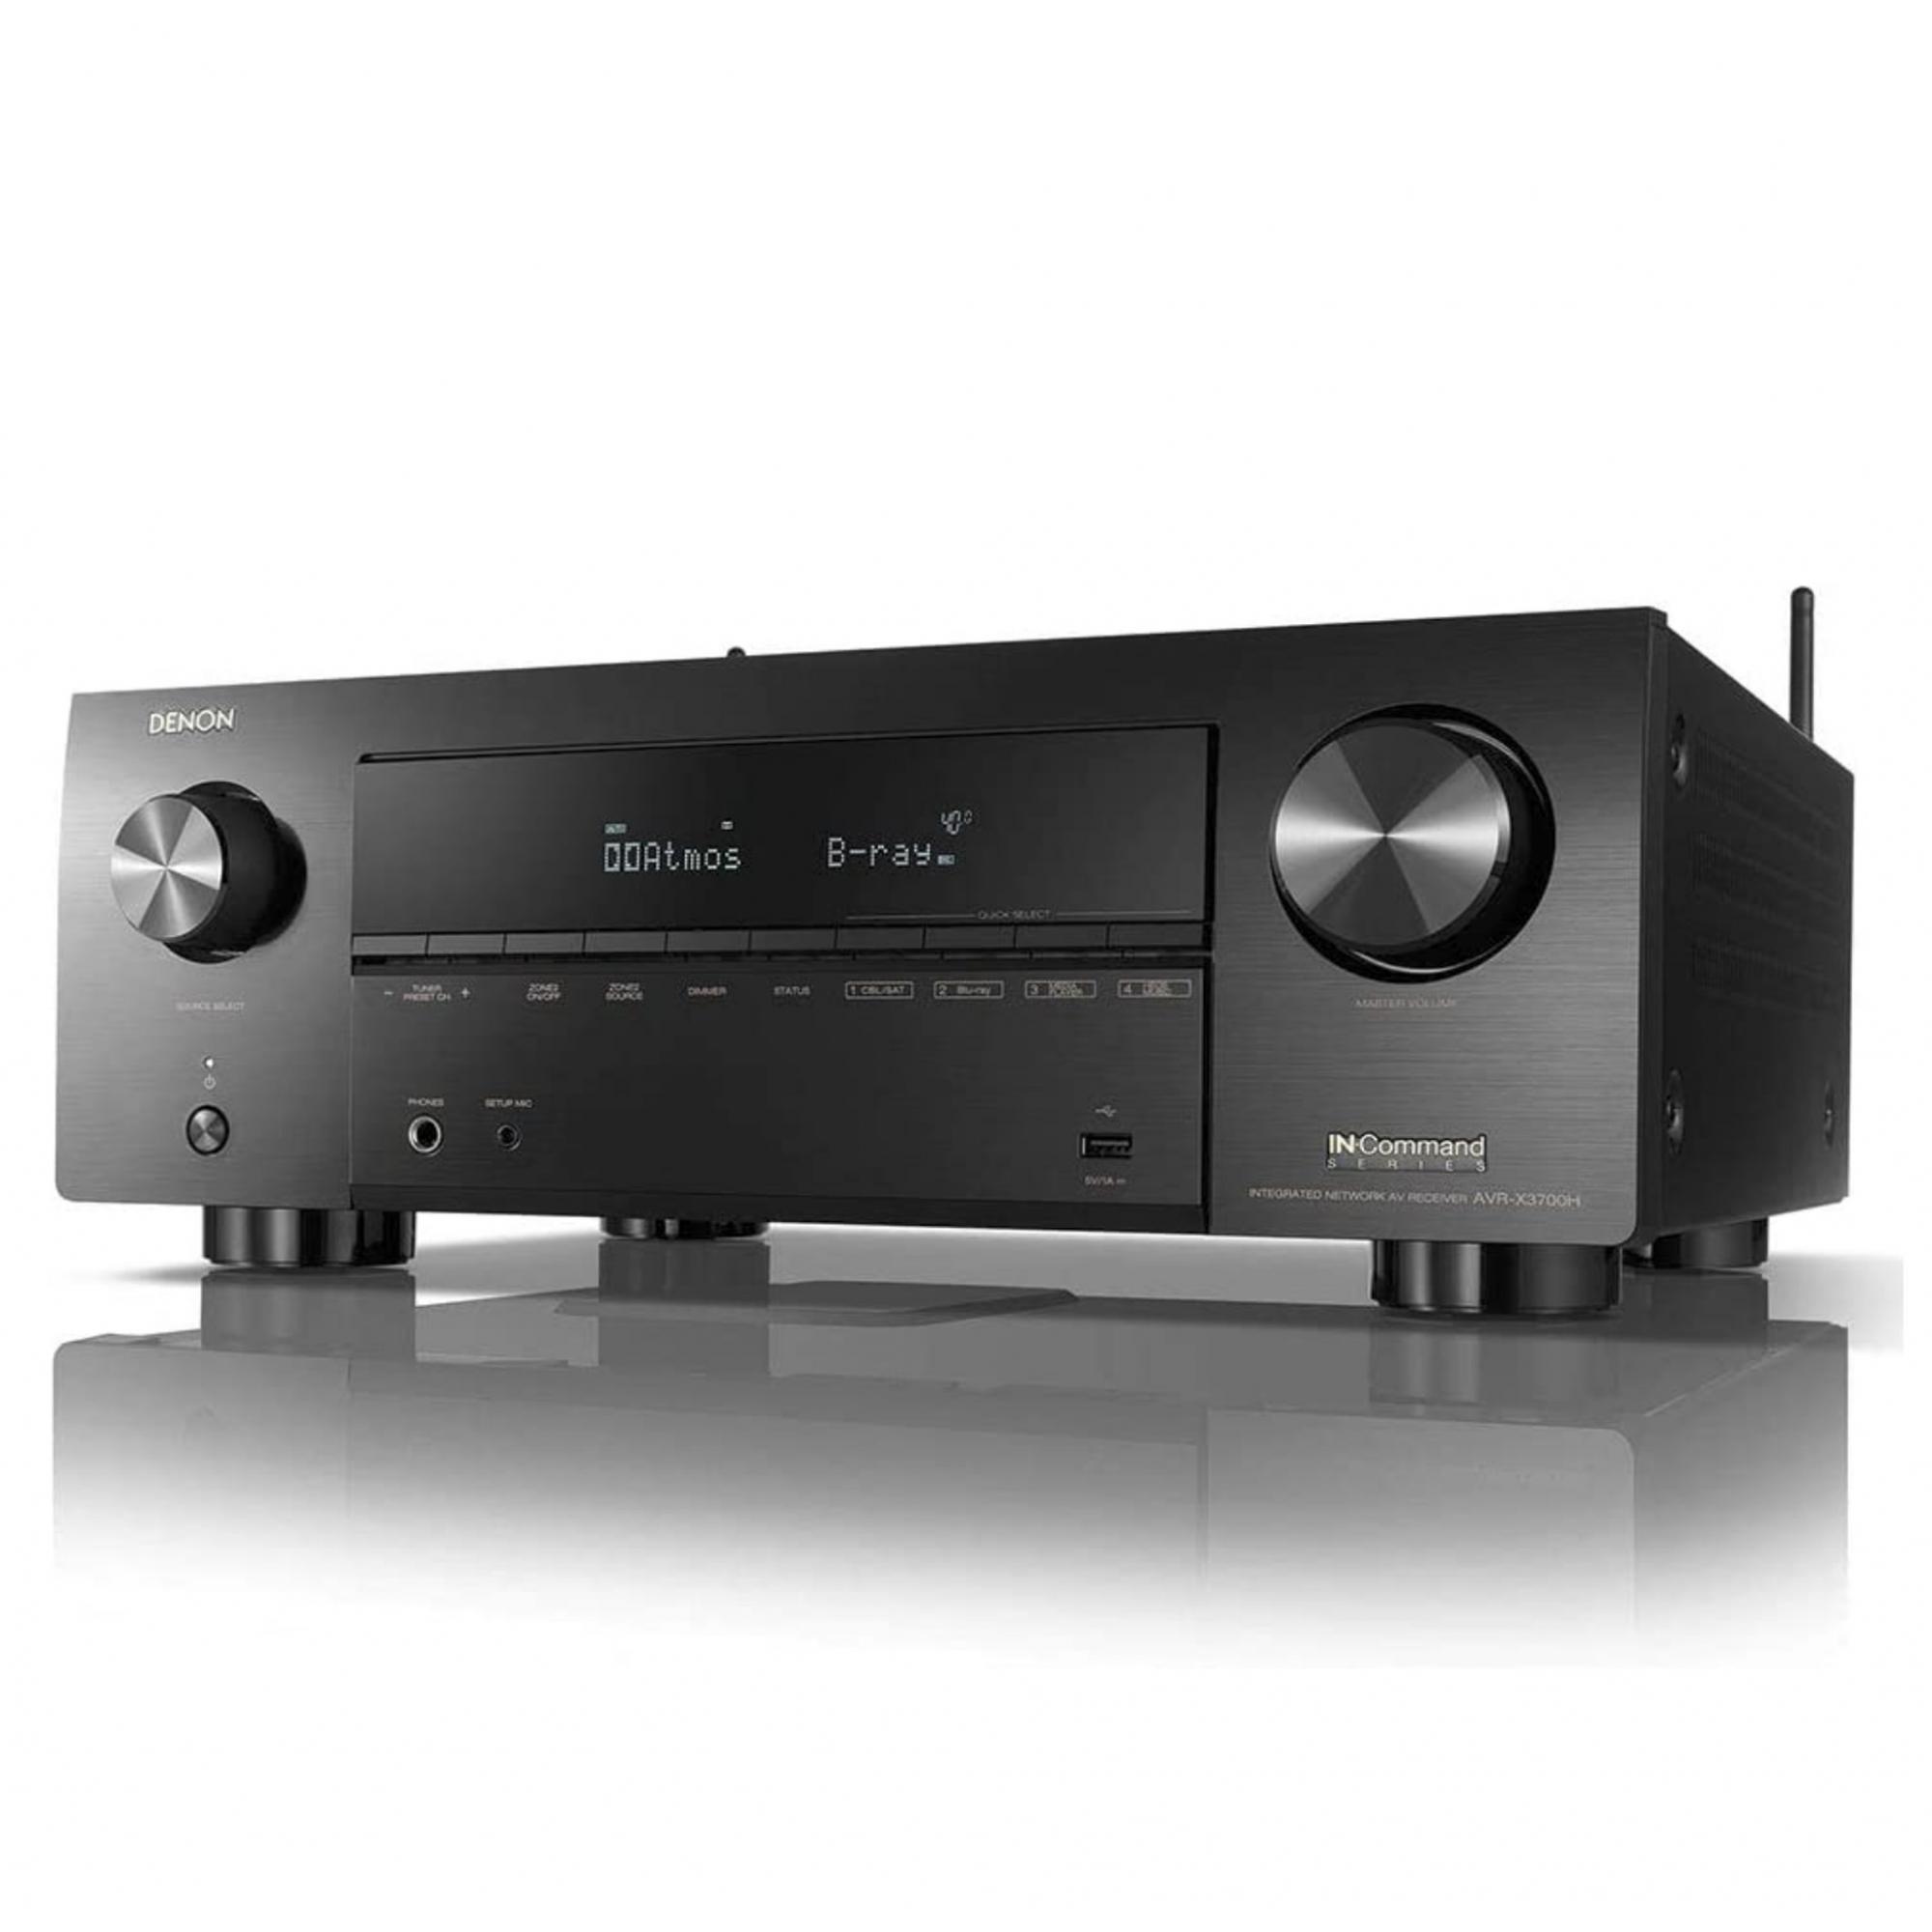 ( Reembalado ) Receiver Denon Avr-x3700h ( 2020 ) 9.2 CH 8k Dolby Atmos - 120v